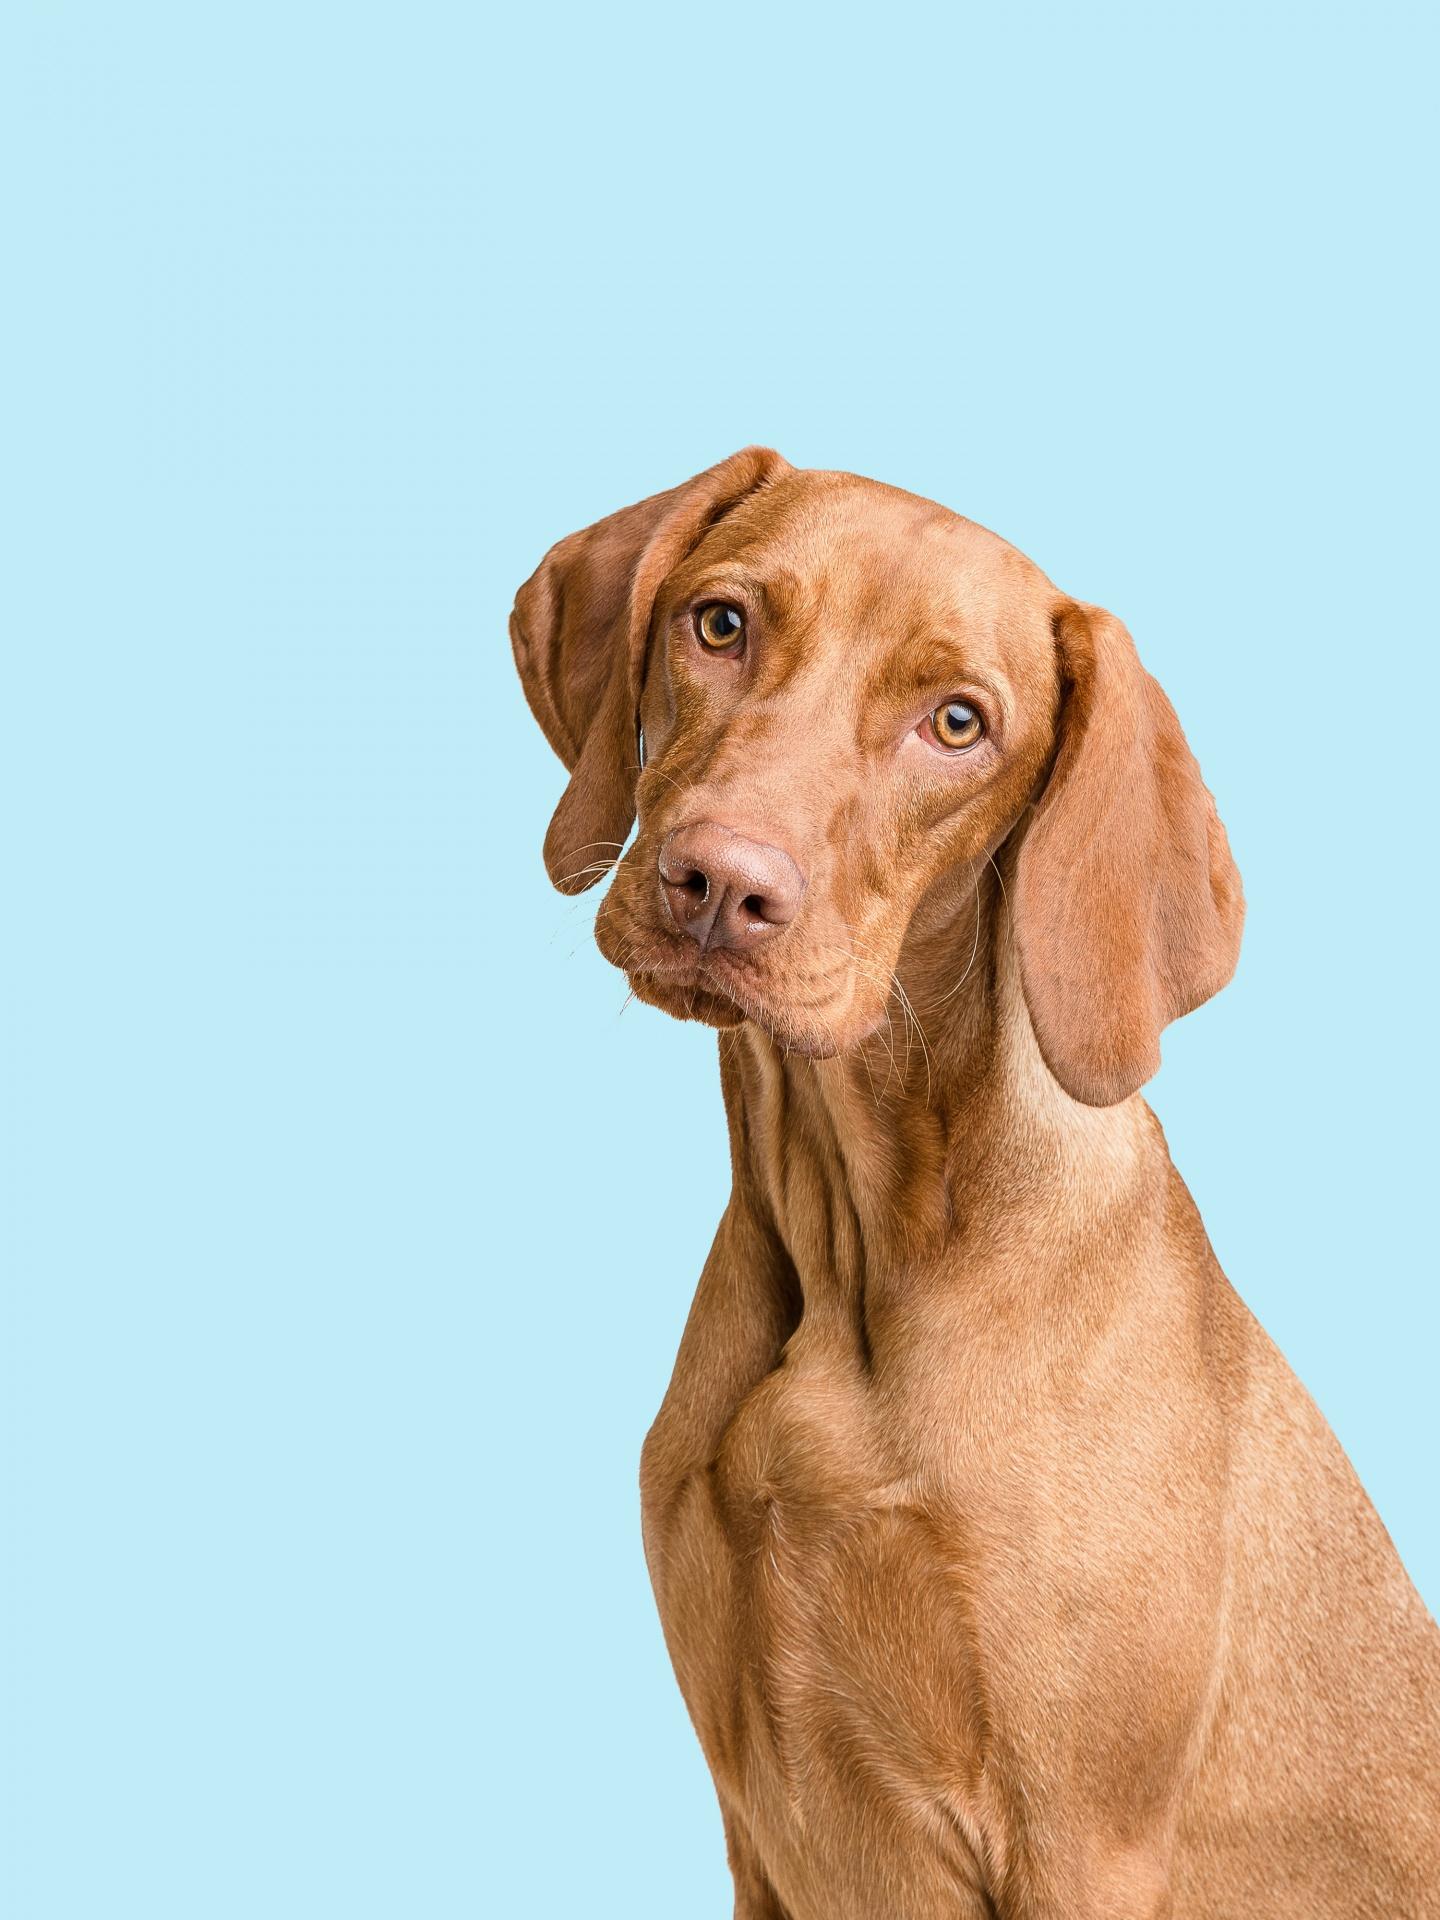 Dog Portrait Vizsla Free Stock Photo - Public Domain Pictures